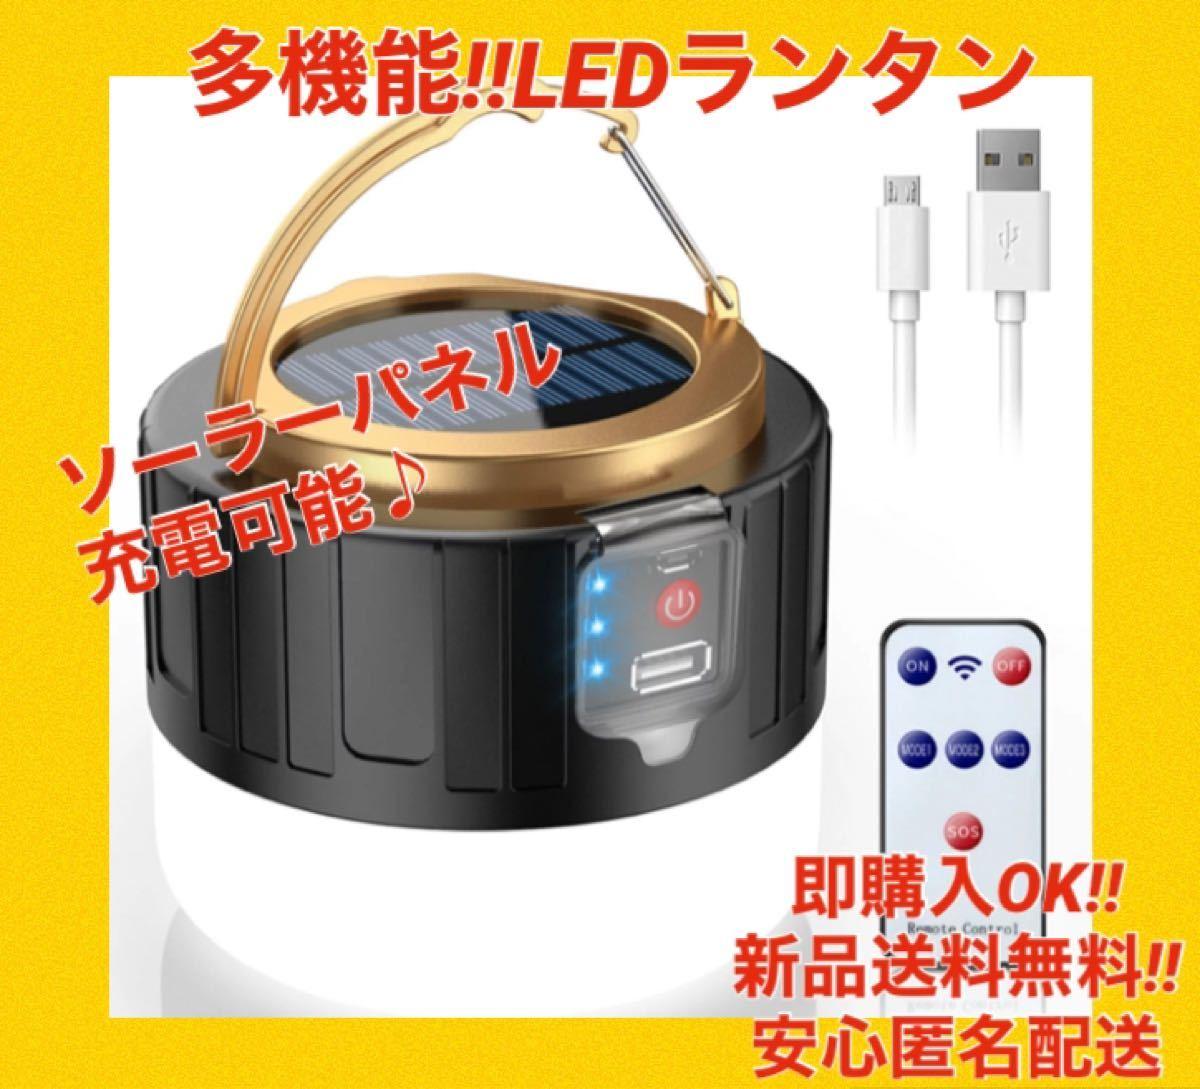 LEDランタン ソーラーパネル USB 充電式 ソーラー充電  Android